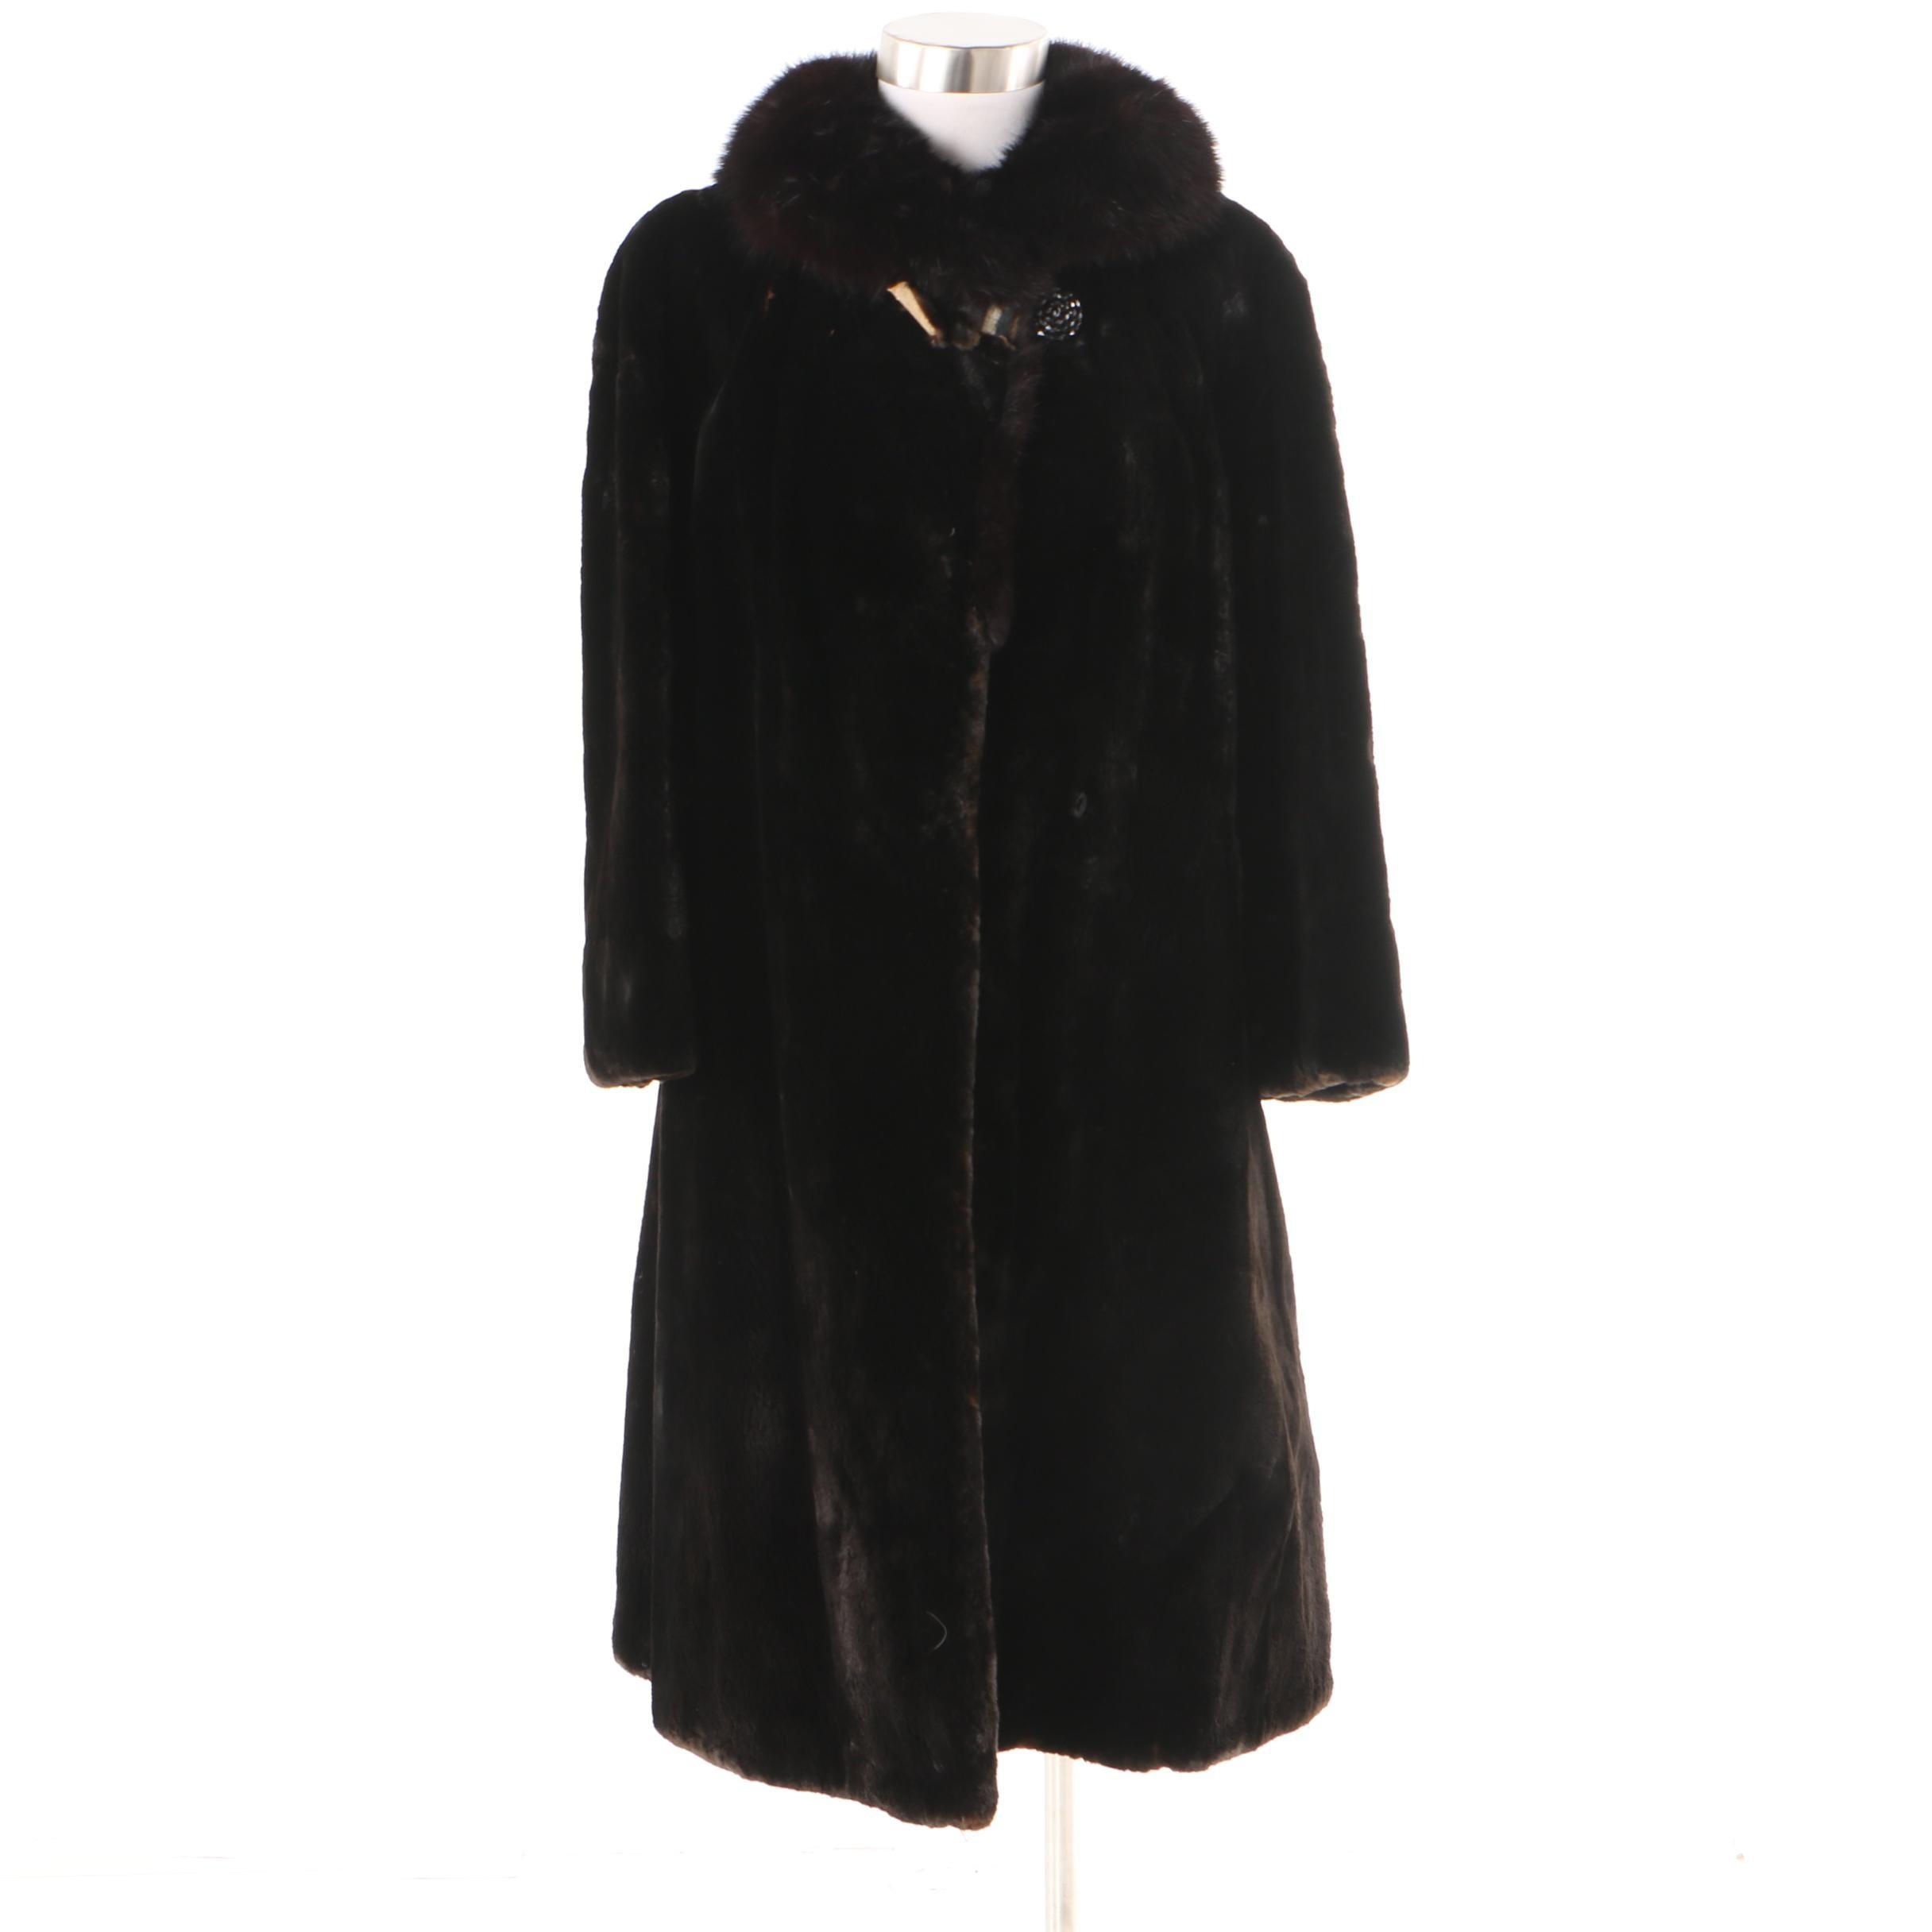 Vintage E.T. Edwards Furs Sheared Mink Fur Coat with Mink Fur Collar